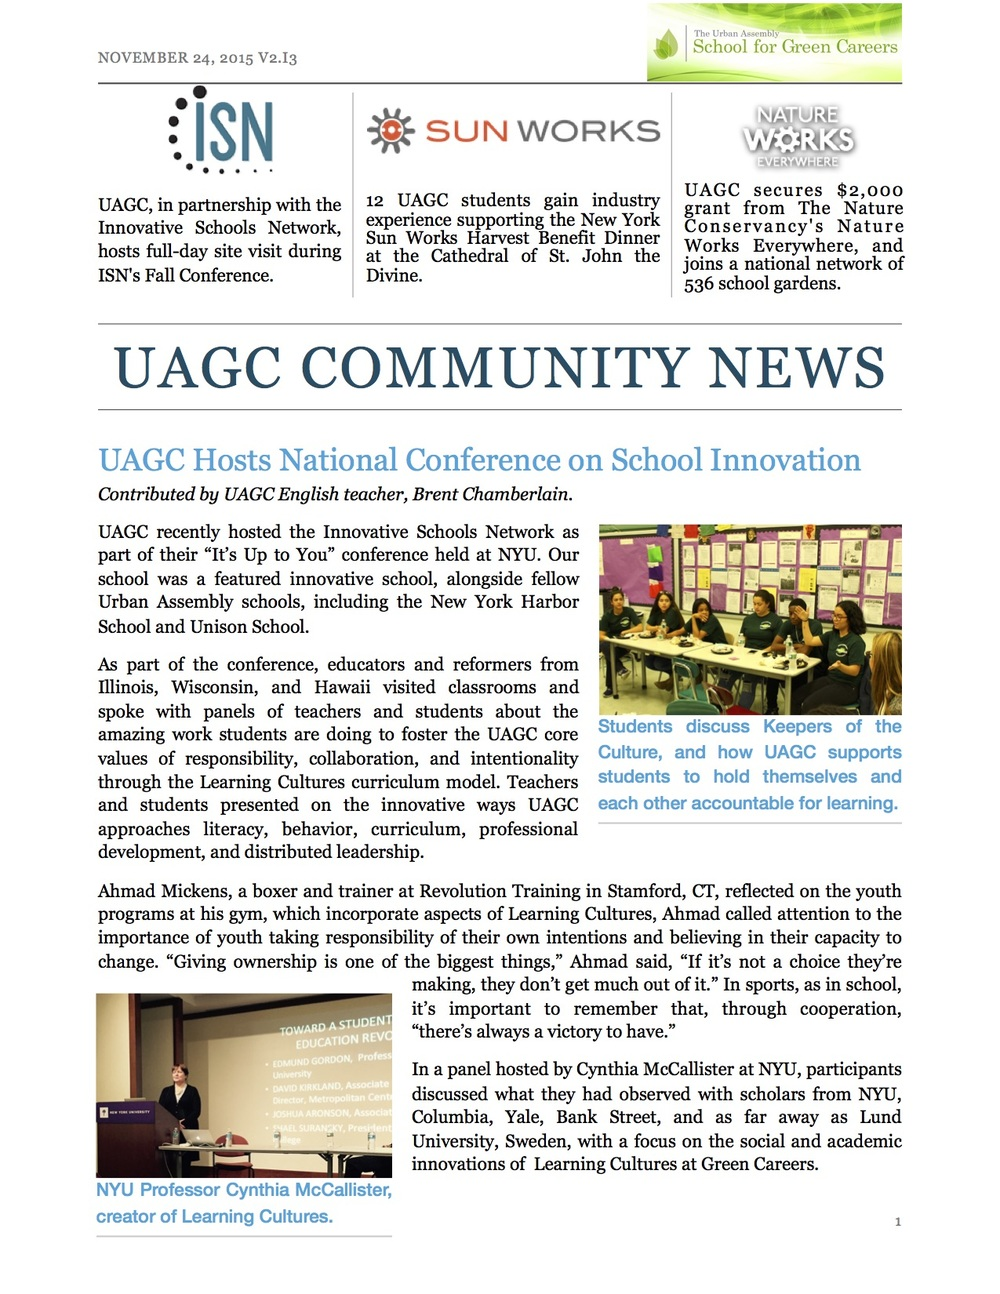 UAGC Community News v2i3.jpg